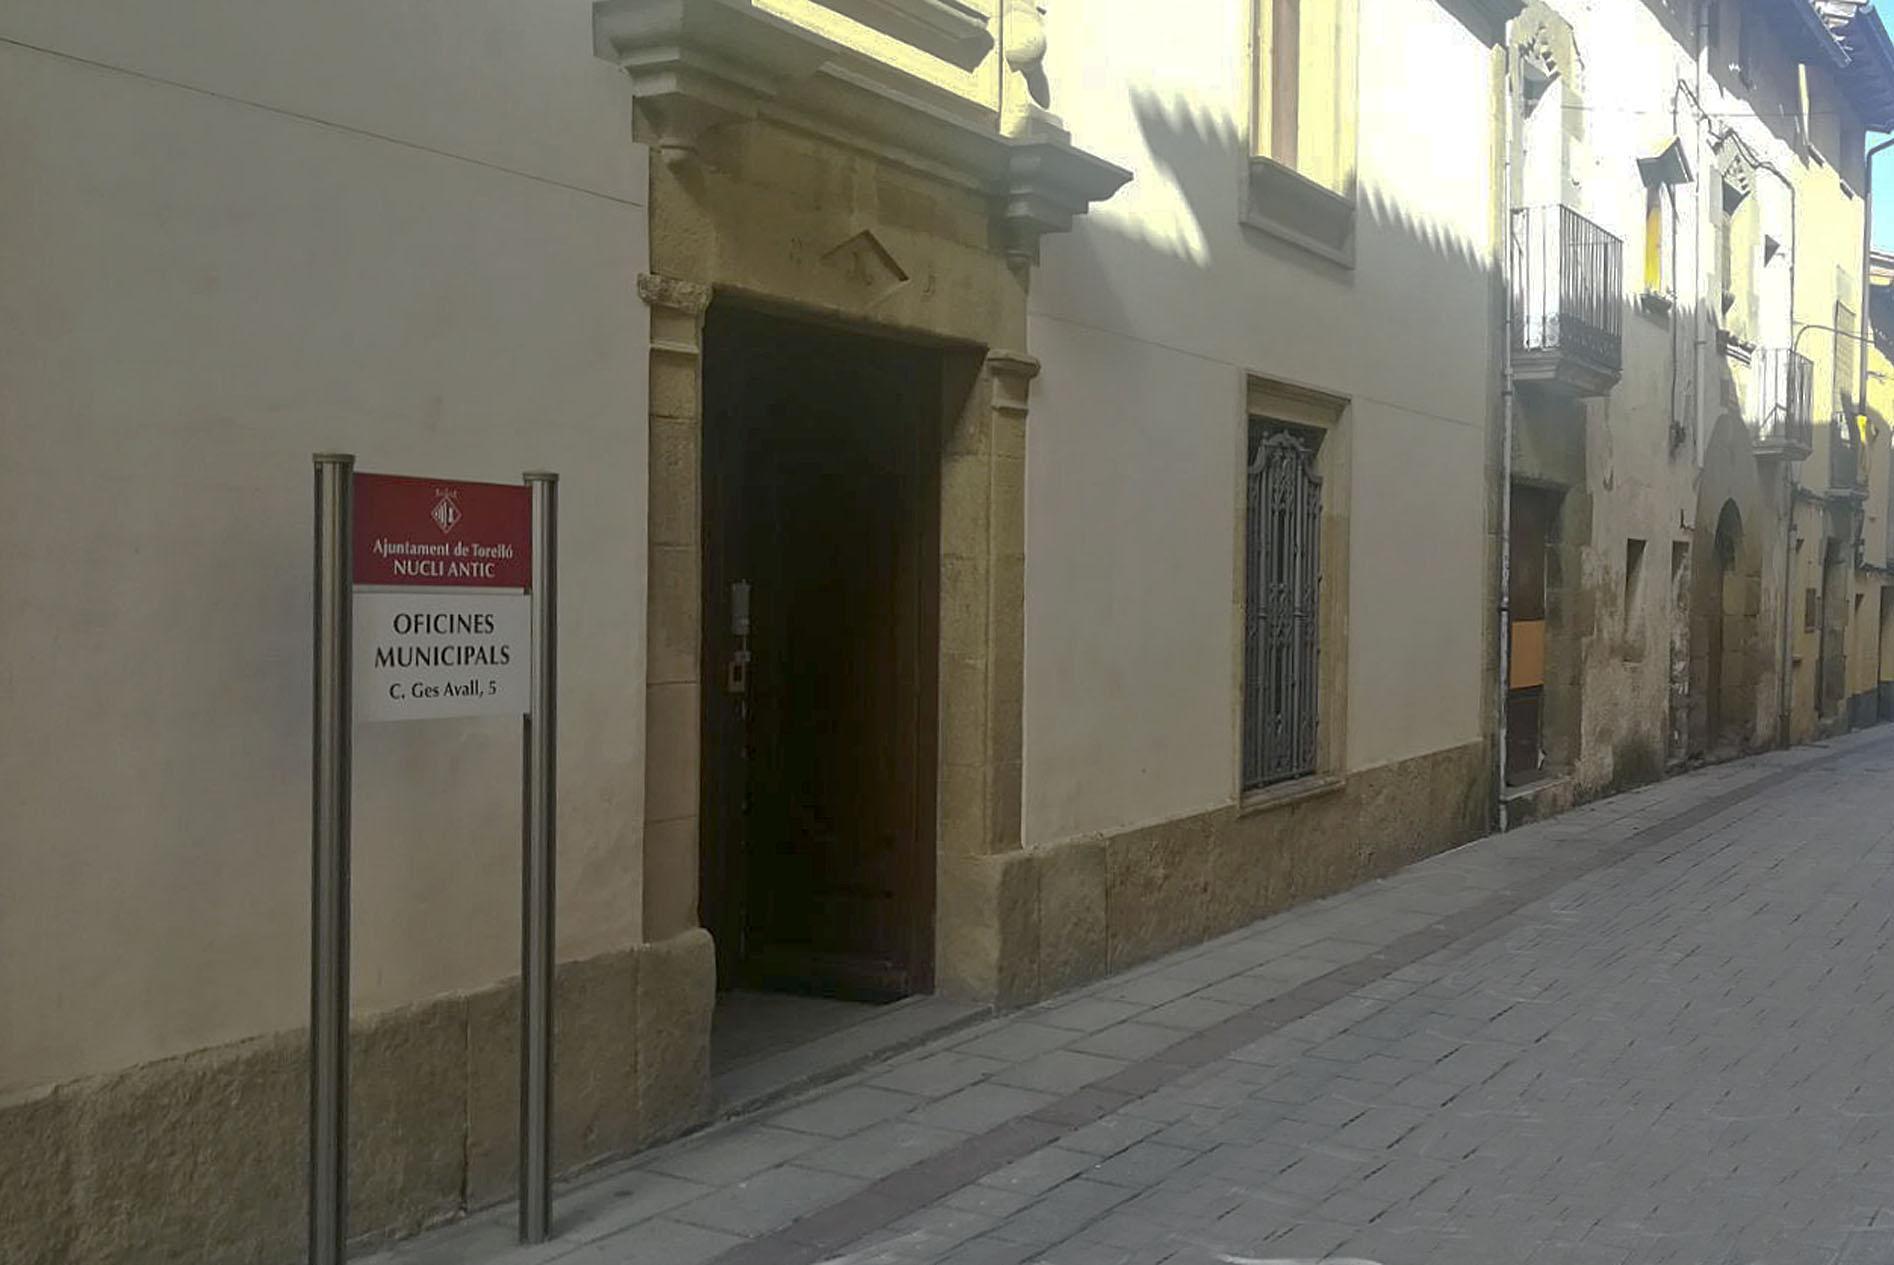 Oficines de l'Ajuntament al carrer Ges d'Avall